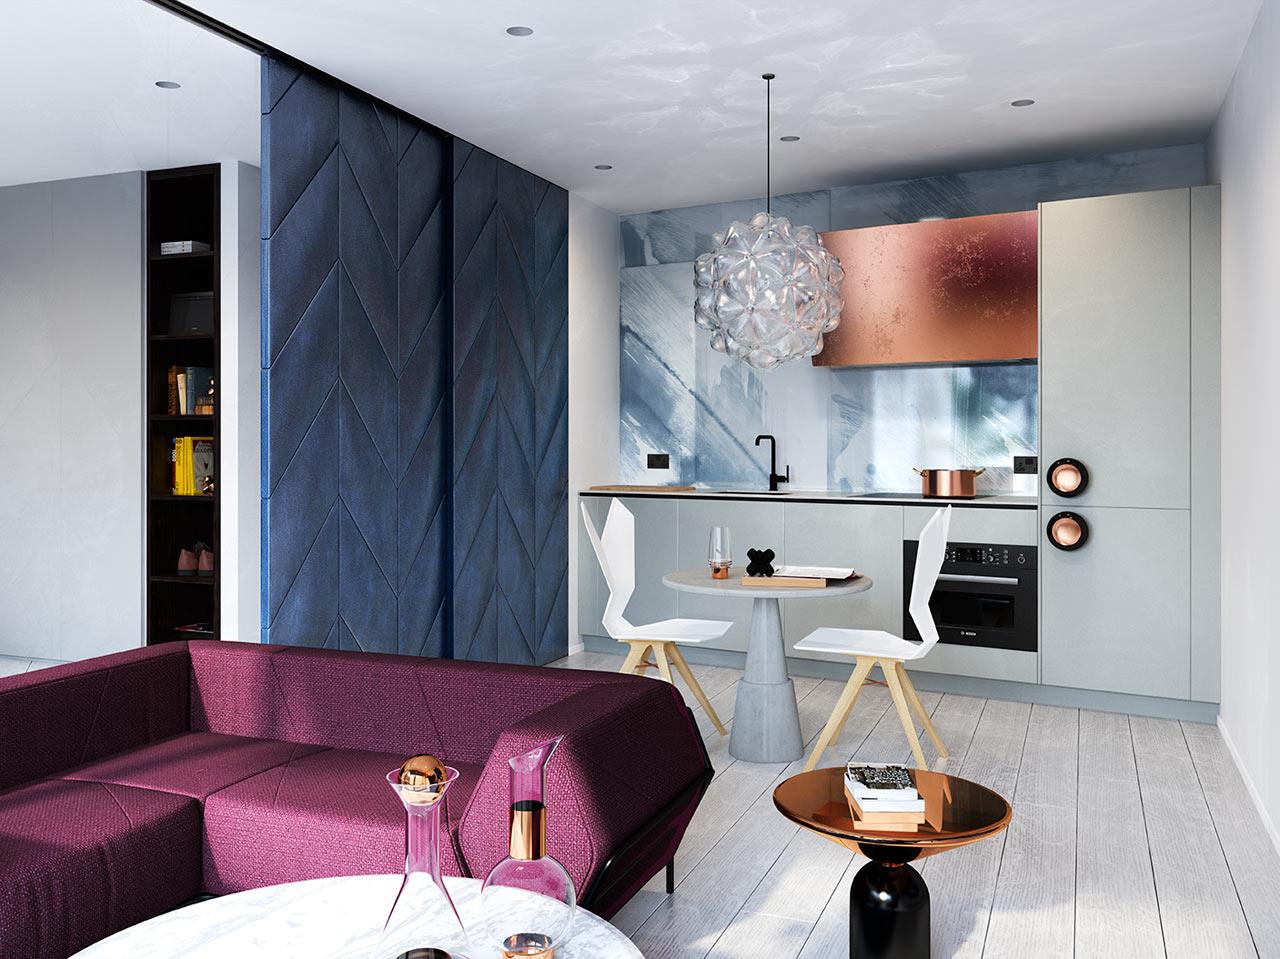 غرفة معيشة ومطبخ مودرن جرأة وروعة الألوان في تصميم وحدات سكنية عصرية